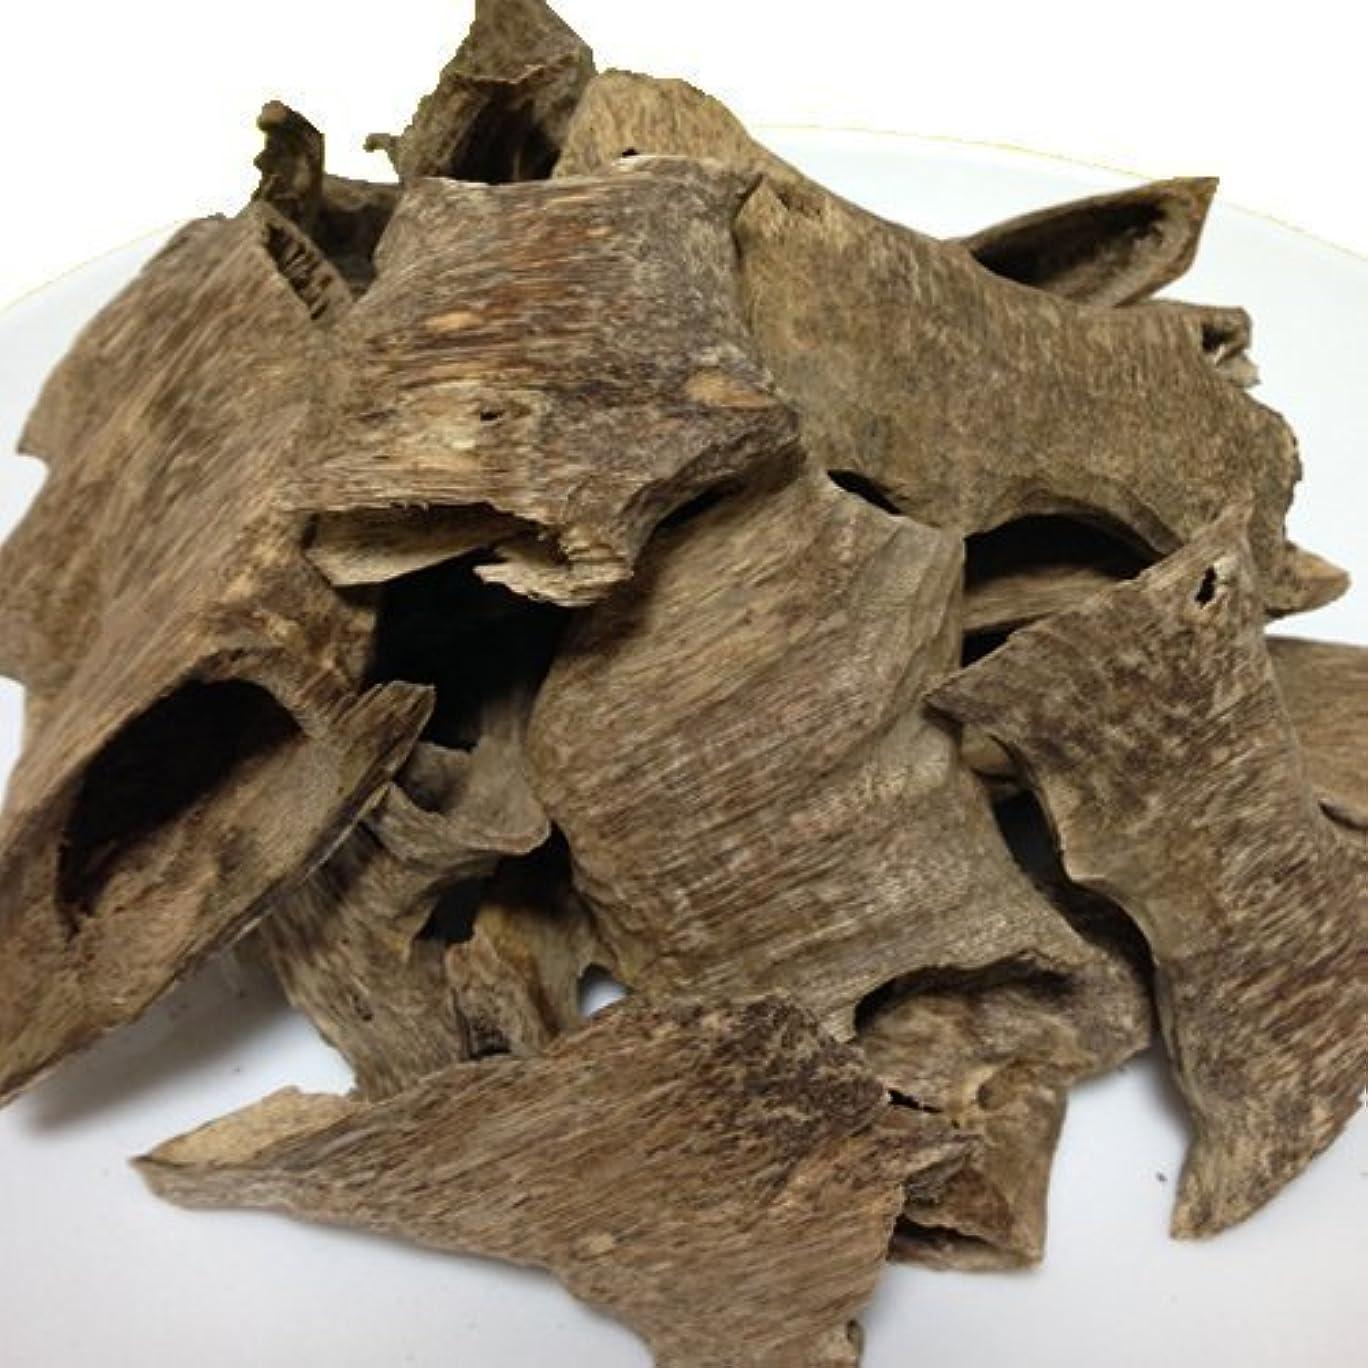 多分歯痛除外する[ Vietnam market ] Agarwood Chips (Aloeswood Agalloch Eaglewood) From Vietnam 3.5 Oz by Vietnam market [並行輸入品]